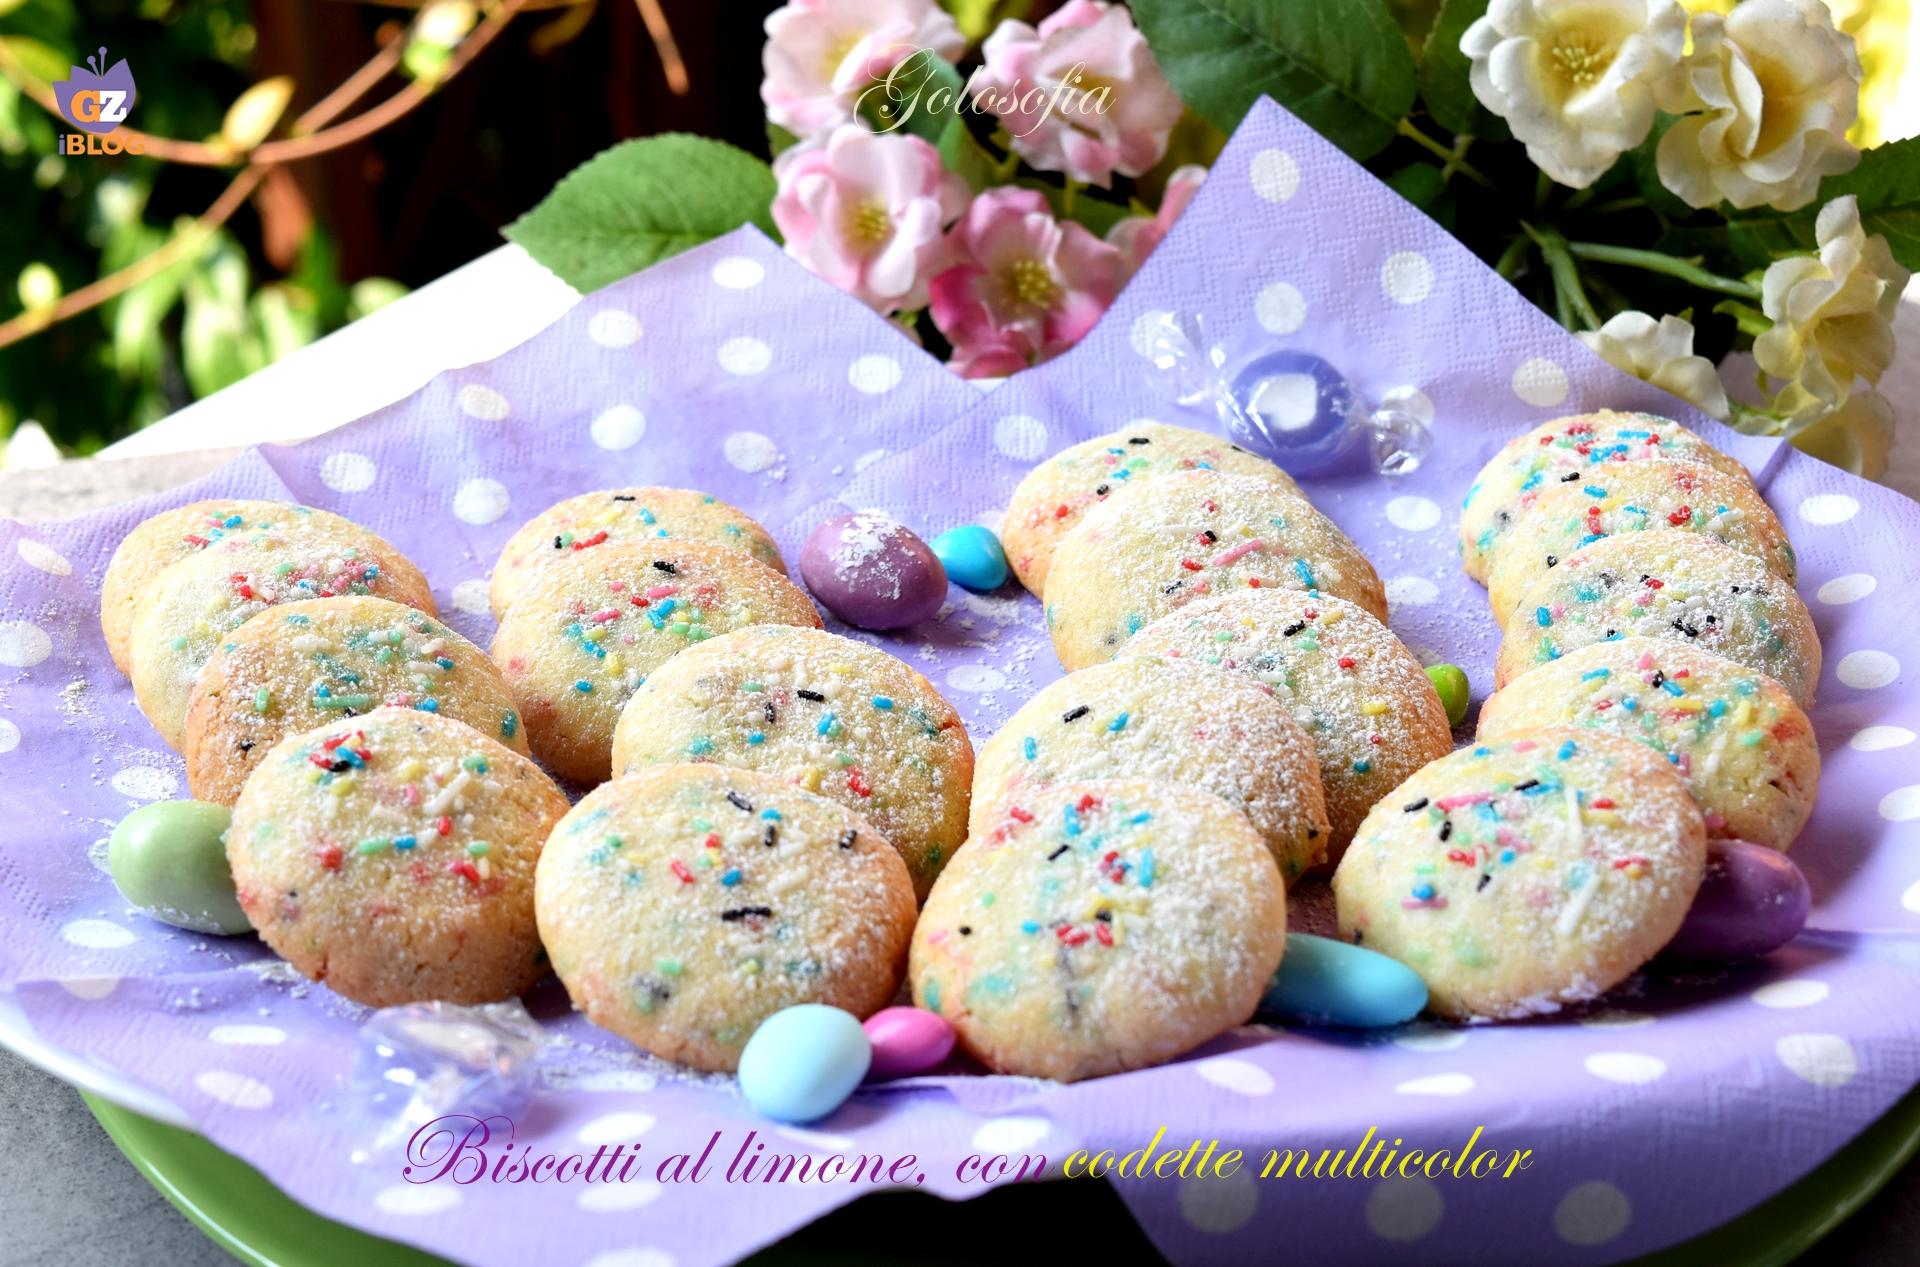 Biscotti al limone, con codette multicolor-ricetta dolci-golosofia